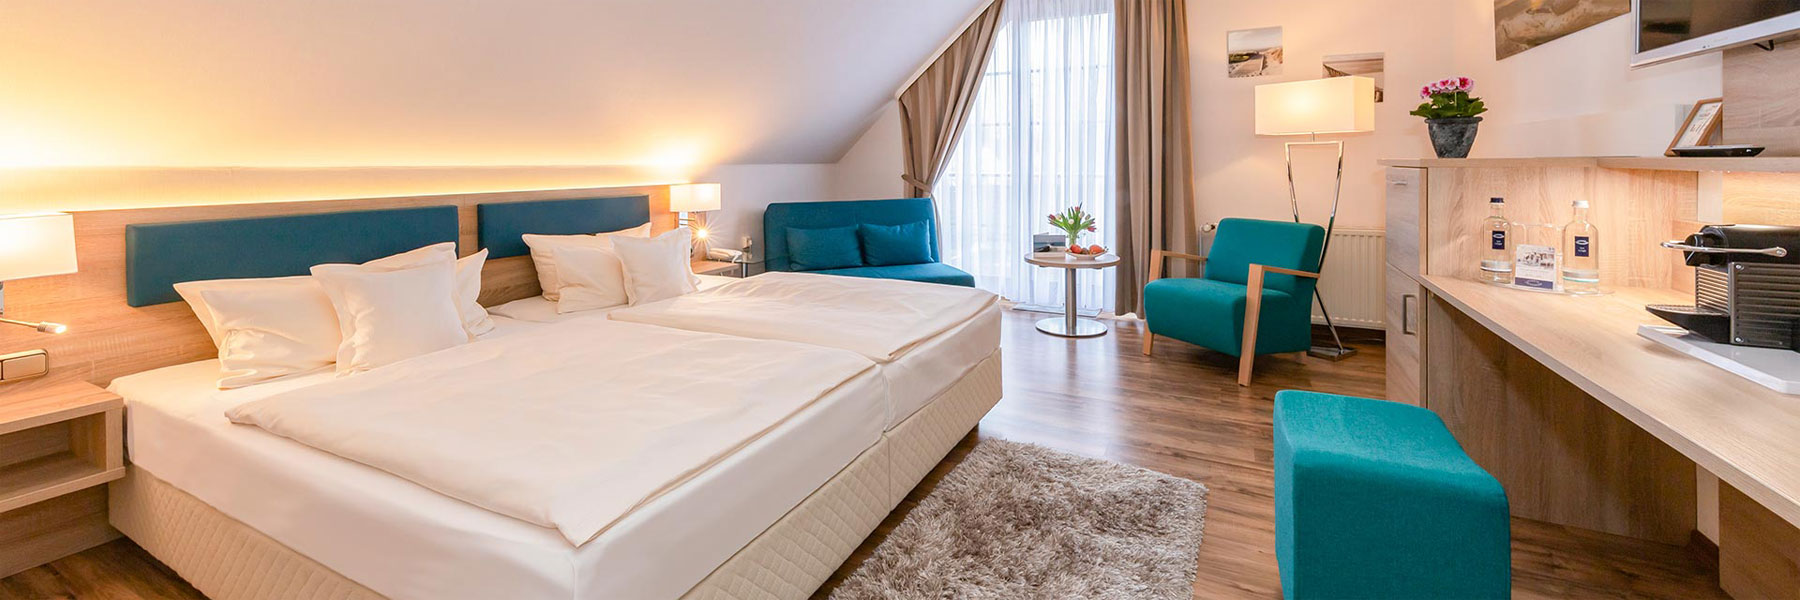 Doppelzimmer - ****Hotel Blinkfüer